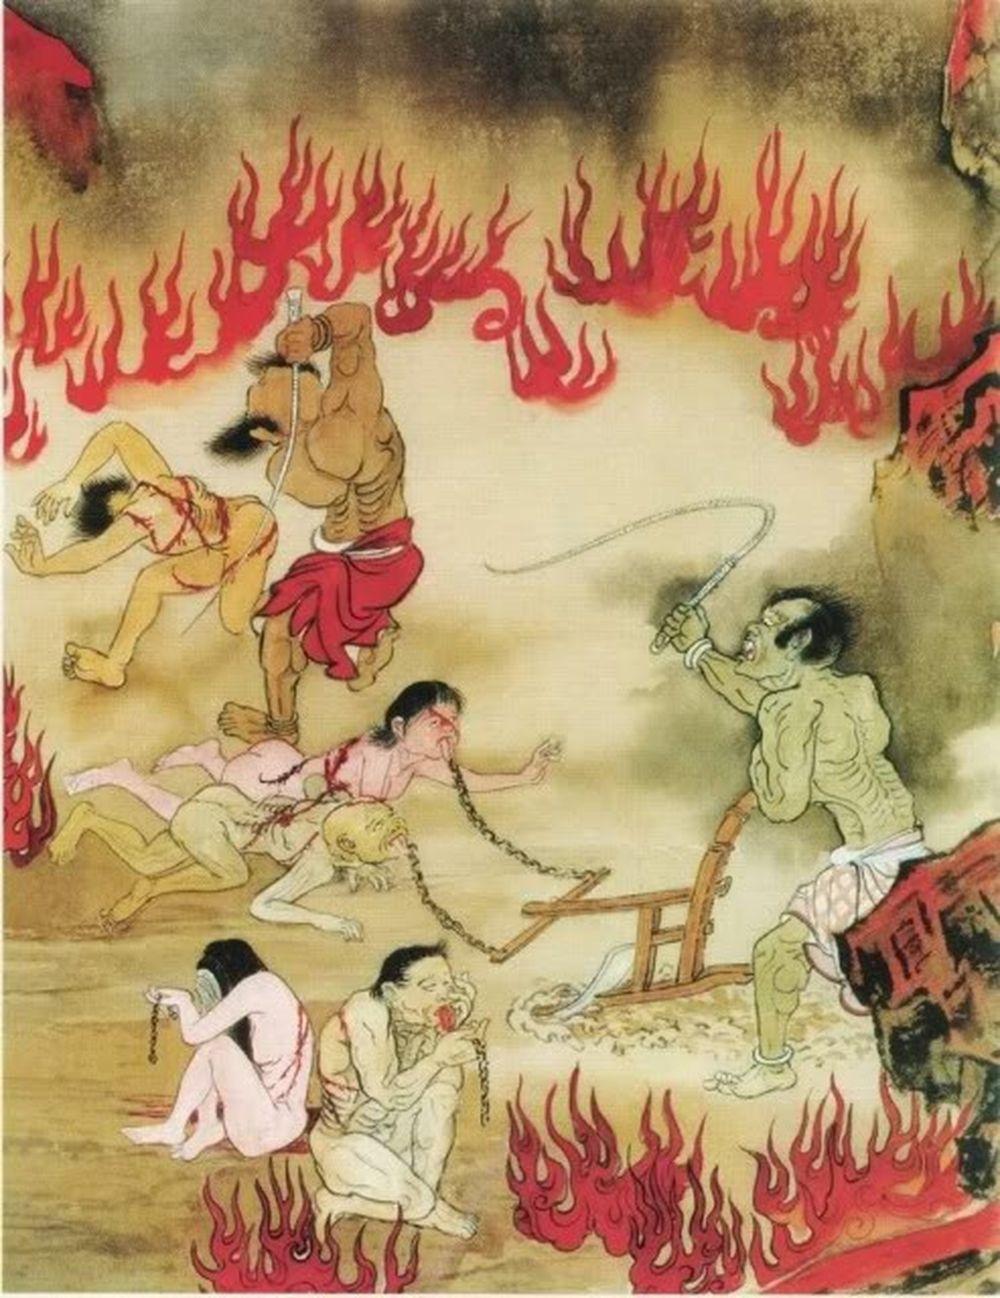 Bạt Thiệt Địa Ngục: Tầng đầu tiên của 18 tầng địa ngục, là nơi dành cho  những kẻ khi còn sống hay làm tổn thương người khác bằng lời nói.